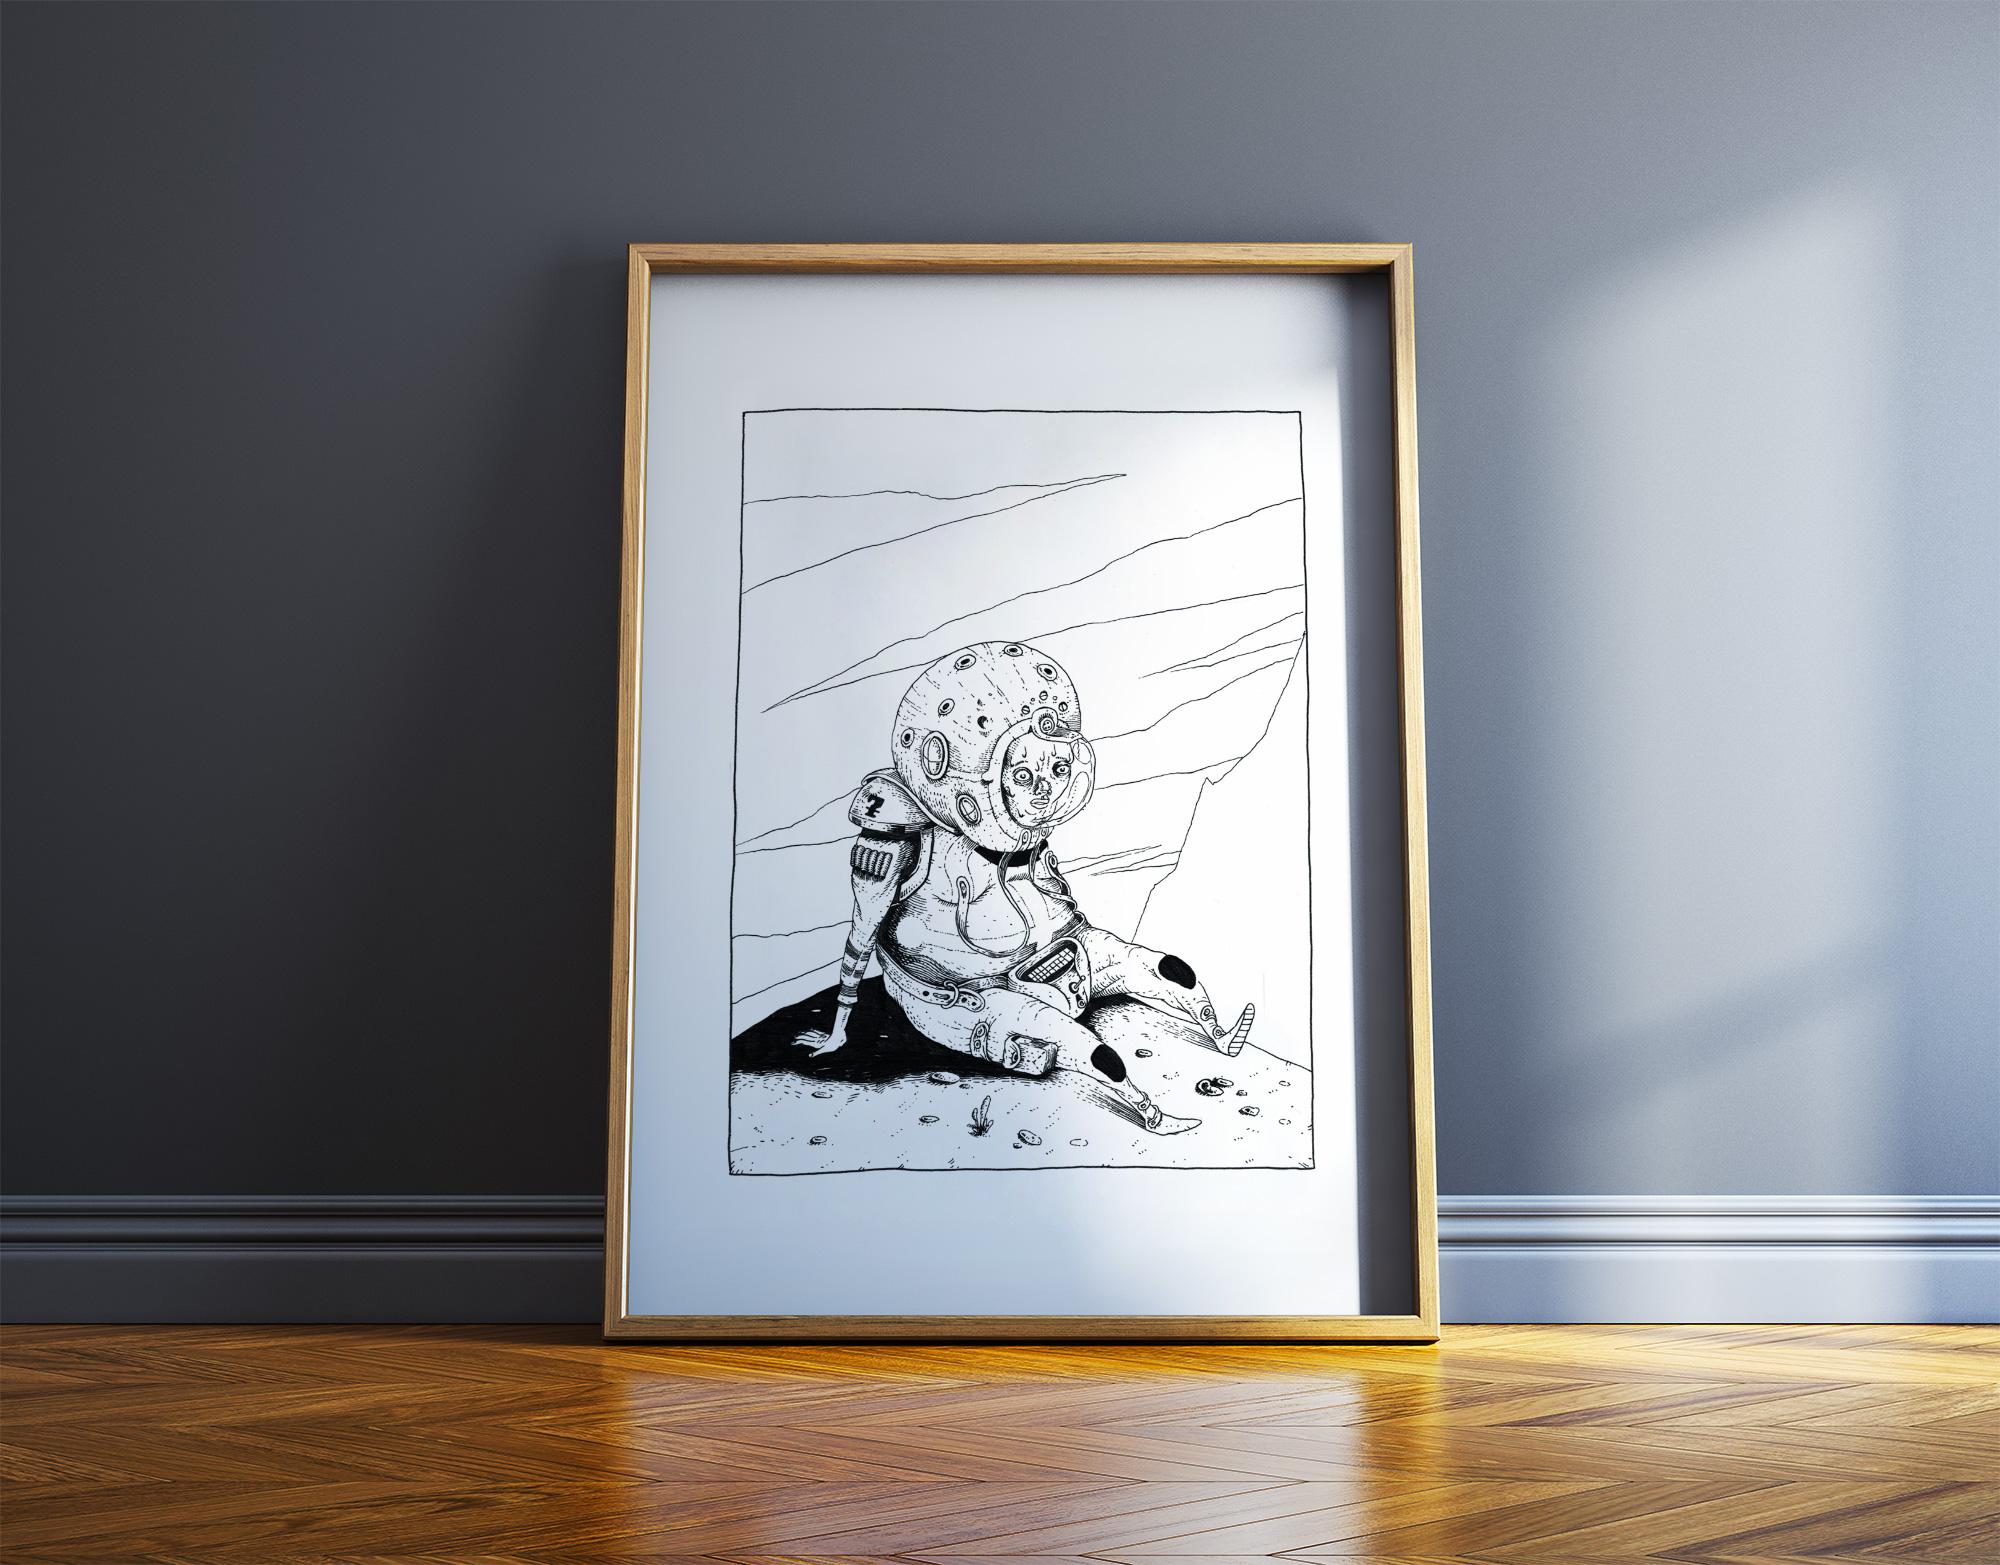 plakater-posters-kunsttryk, giclee-tryk, børnevenlige, grafiske, landskab, monokrome, børn, humor, himmel, sorte, hvide, blæk, papir, sjove, atmosfære, sort-hvide, samtidskunst, sød, dansk, dekorative, design, interiør, bolig-indretning, moderne, moderne-kunst, nordisk, plakater, tryk, Køb original kunst og kunstplakater. Malerier, tegninger, limited edition kunsttryk & plakater af dygtige kunstnere.